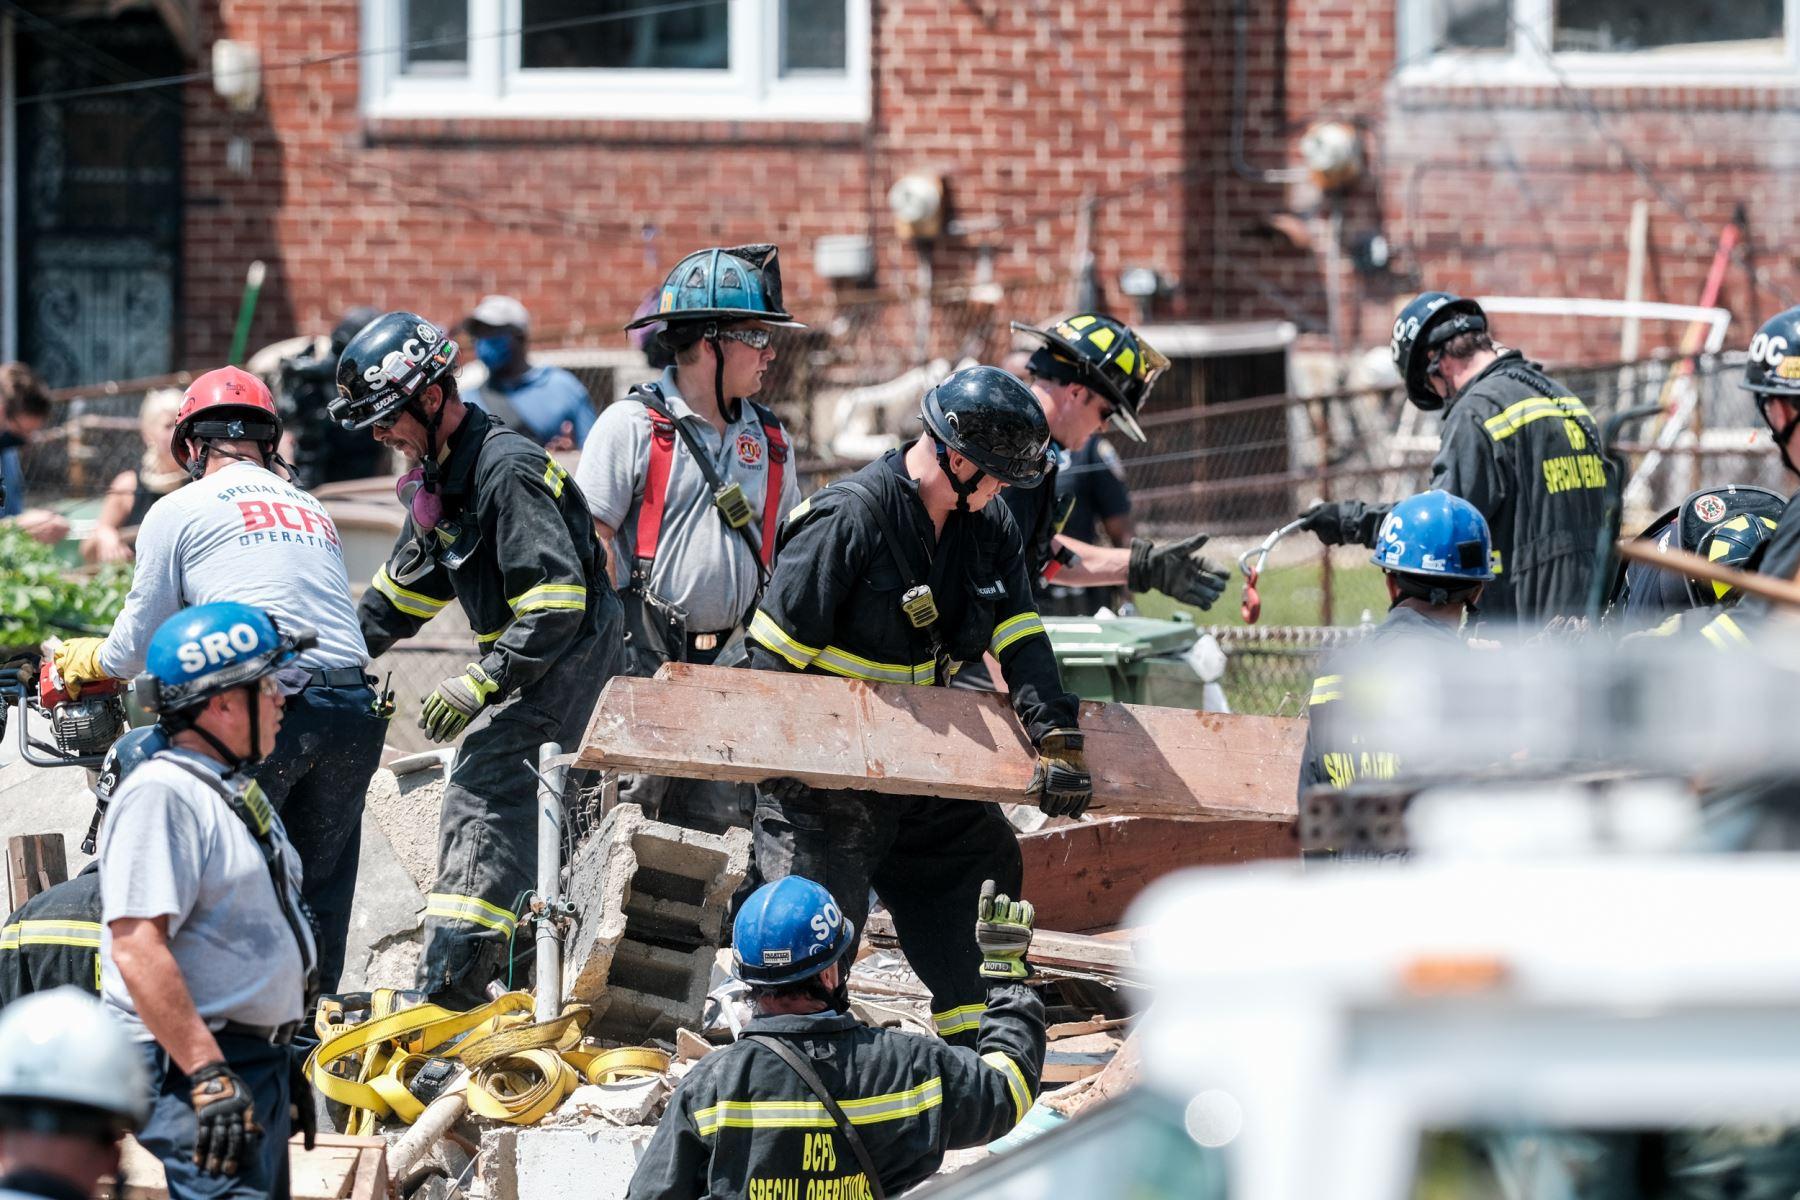 Los socorristas toman un descanso en la escena de una explosión  en Baltimore, Maryland. Los primeros informes indican que una fuga de gas pudo haber causado la explosión masiva que arrasó tres casas, causando múltiples heridos y al menos una muerte. Foto: AFP